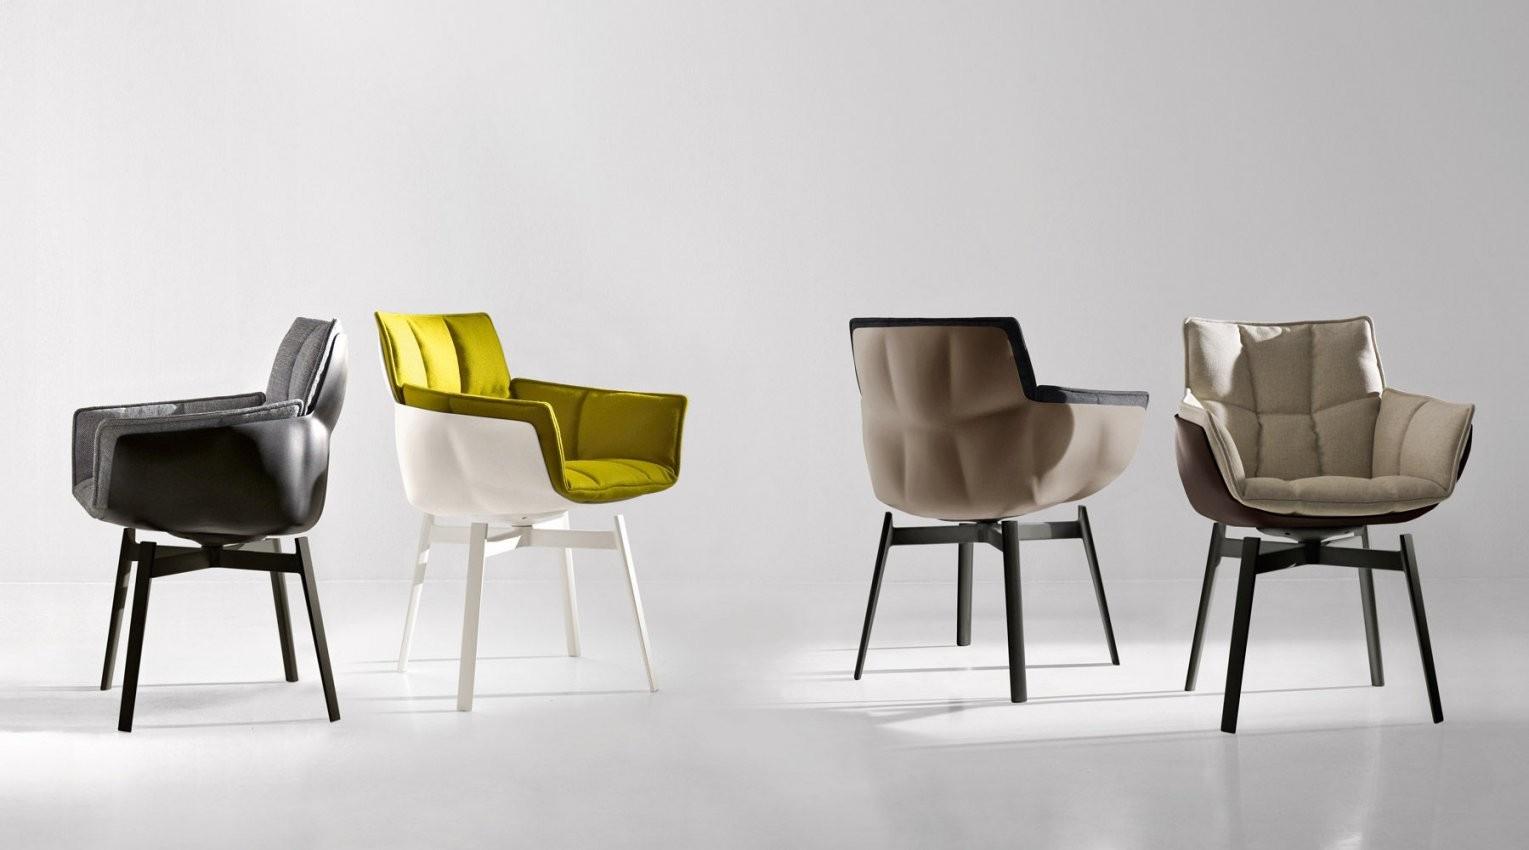 Stühle Modern Esszimmer Überraschend Auf Kreative Deko Ideen Für von Moderne Esszimmerstühle Günstig Bild